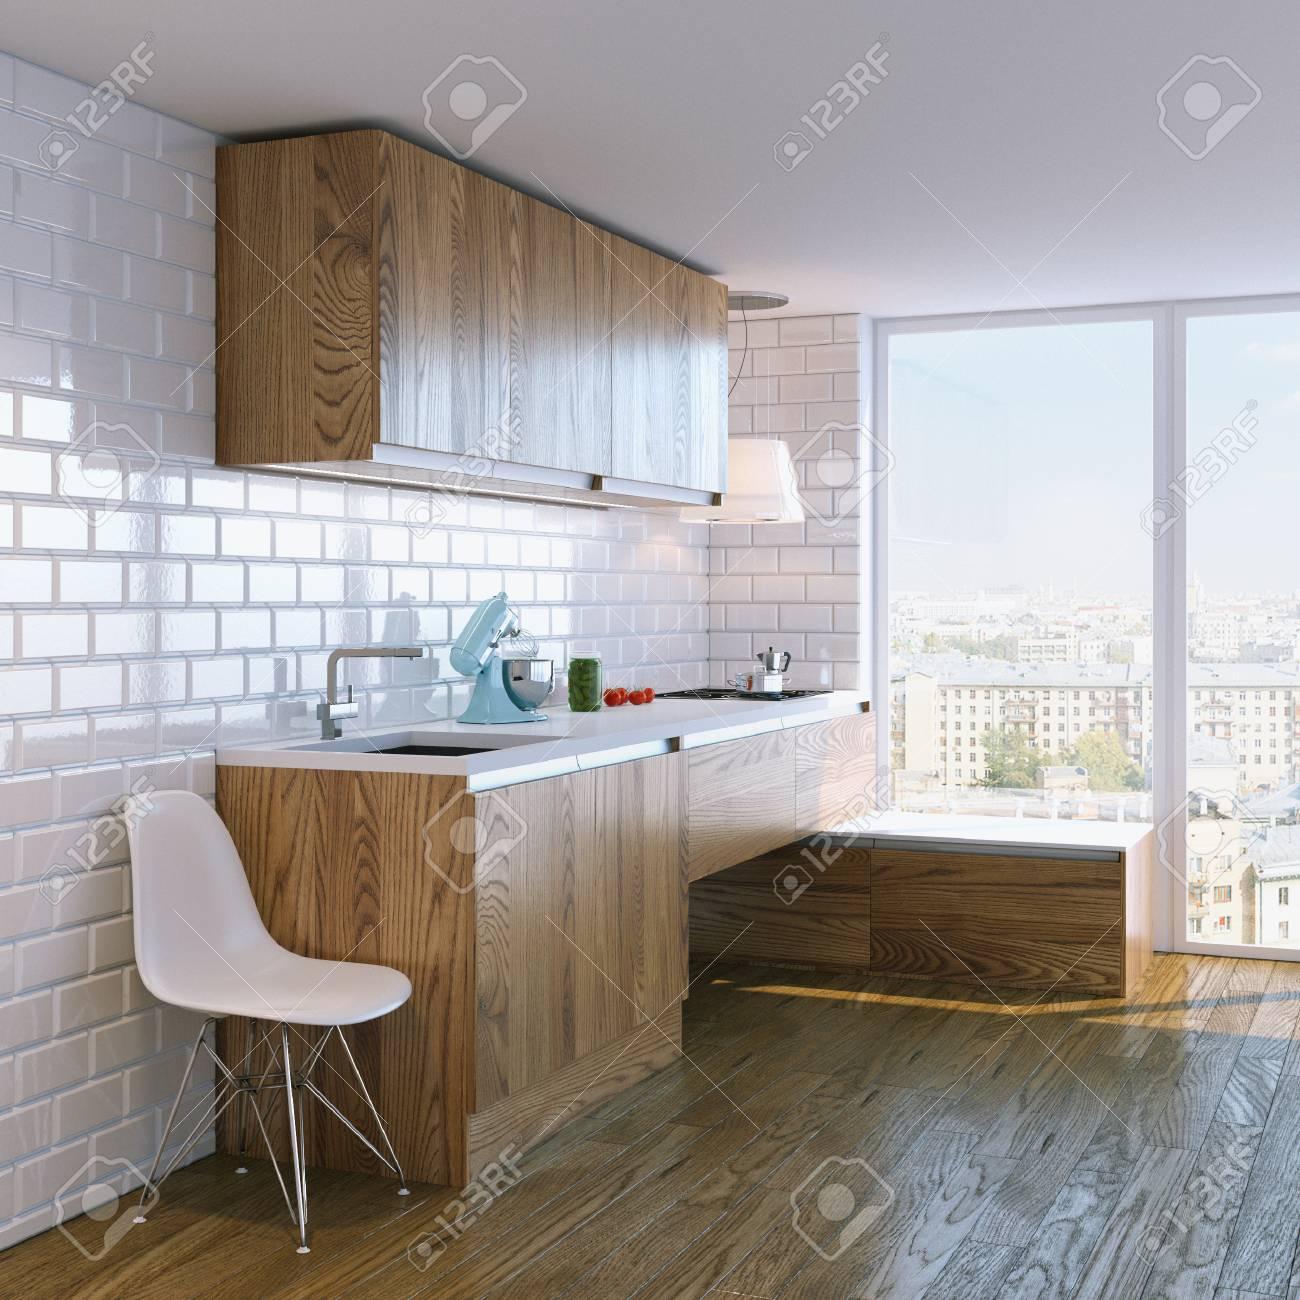 Moderne Küche Aus Holz Inter Mit Großem Fenster Lizenzfreie Fotos ...